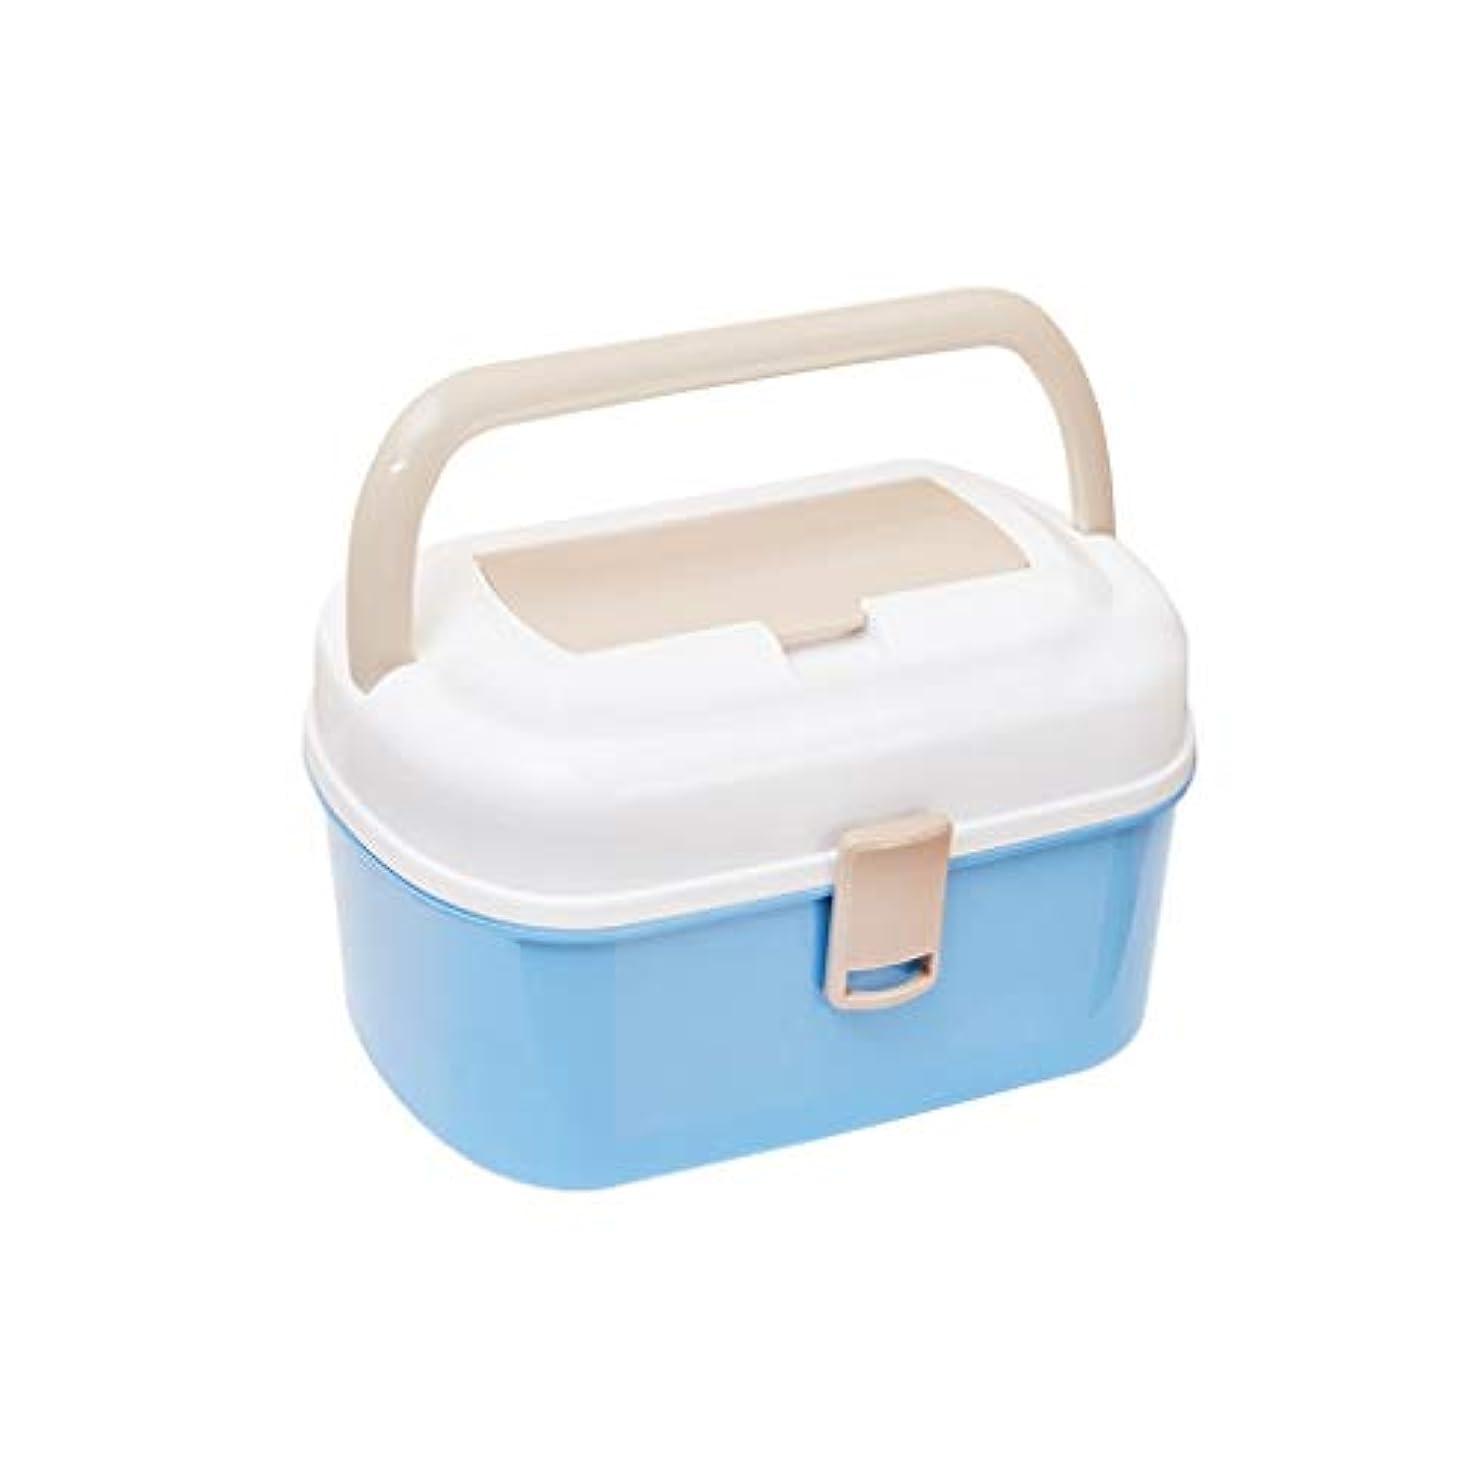 適性二次疑問に思う家庭用多層薬箱プラスチック薬収納ボックスポータブル医療ボックス救急箱 AMINIY